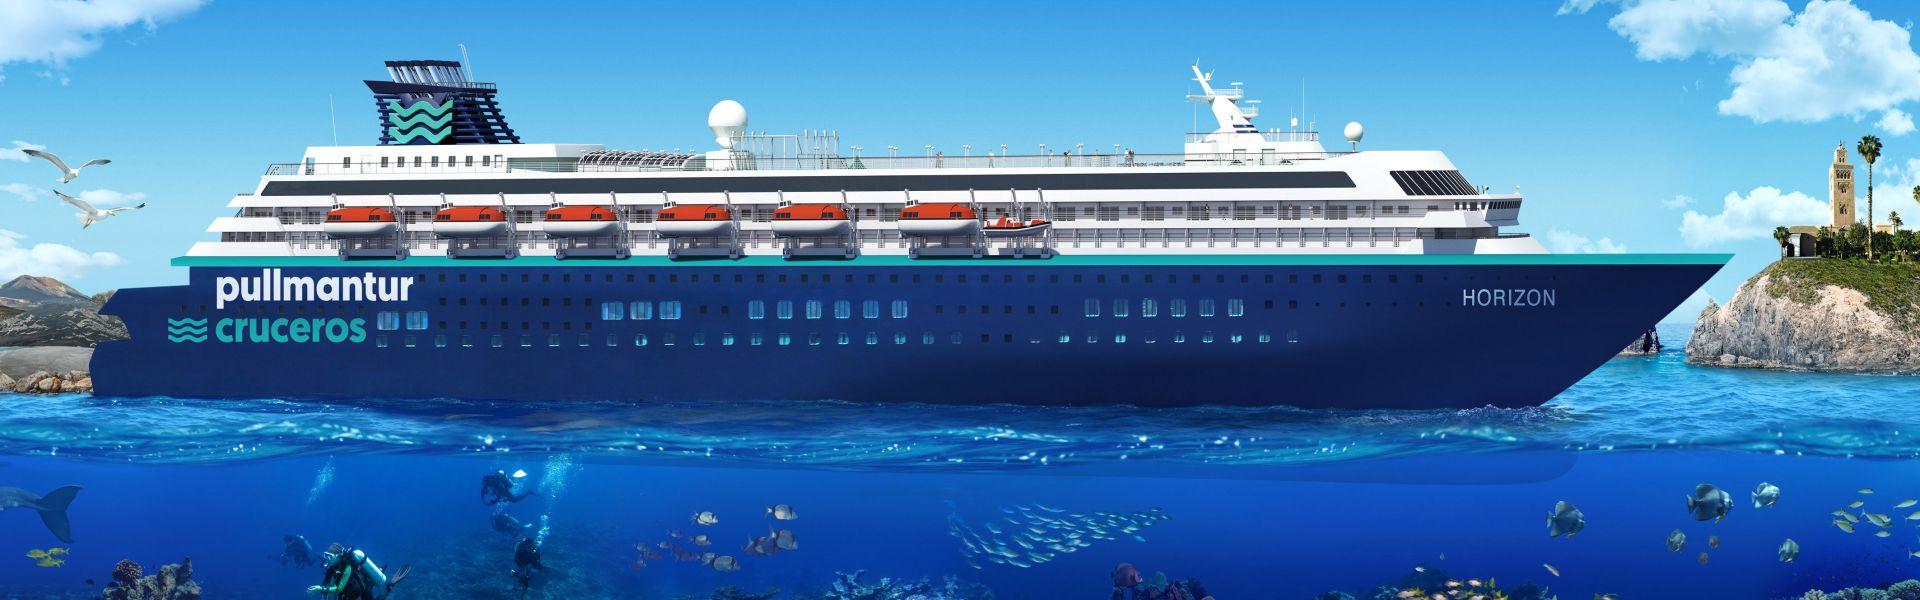 Croaziera 2019 - Croaziera de repozitionare (Dubai) - Pullmantur Cruises - Horizon - 15 nopti